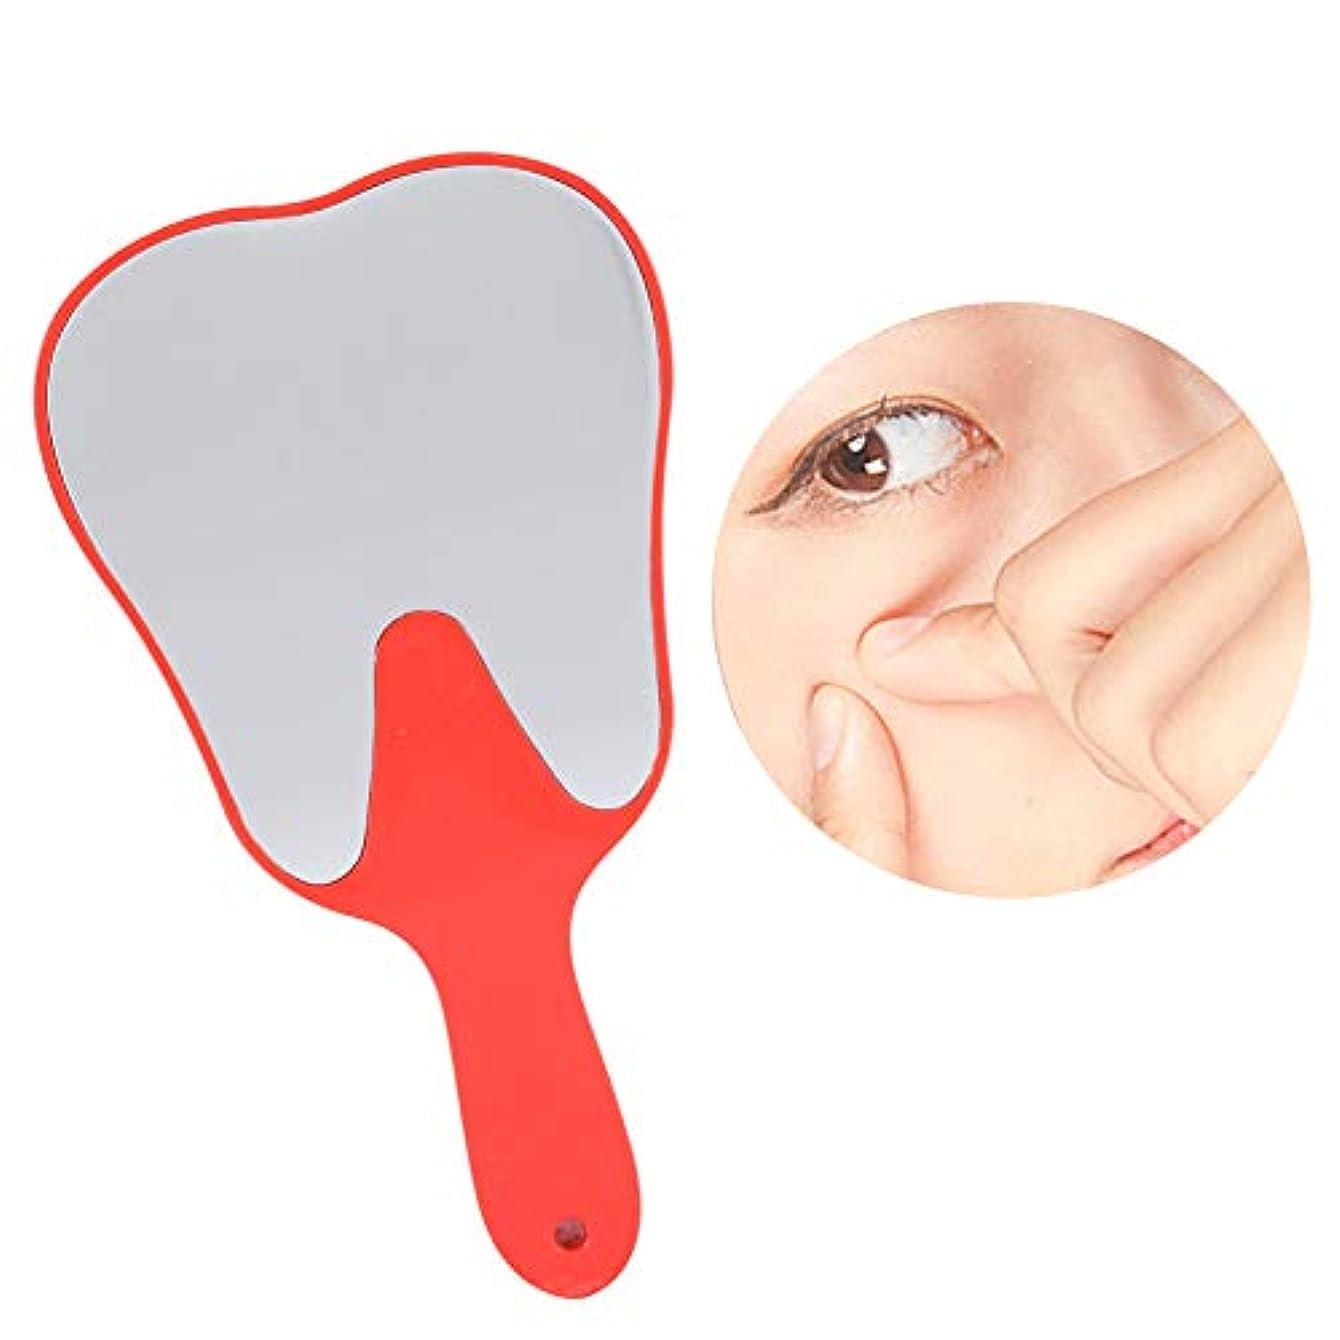 学期典型的な弱めるおしゃれな便利なかわいいプラスチックハンドル歯歯科ケアハンドミラーツール(赤い)